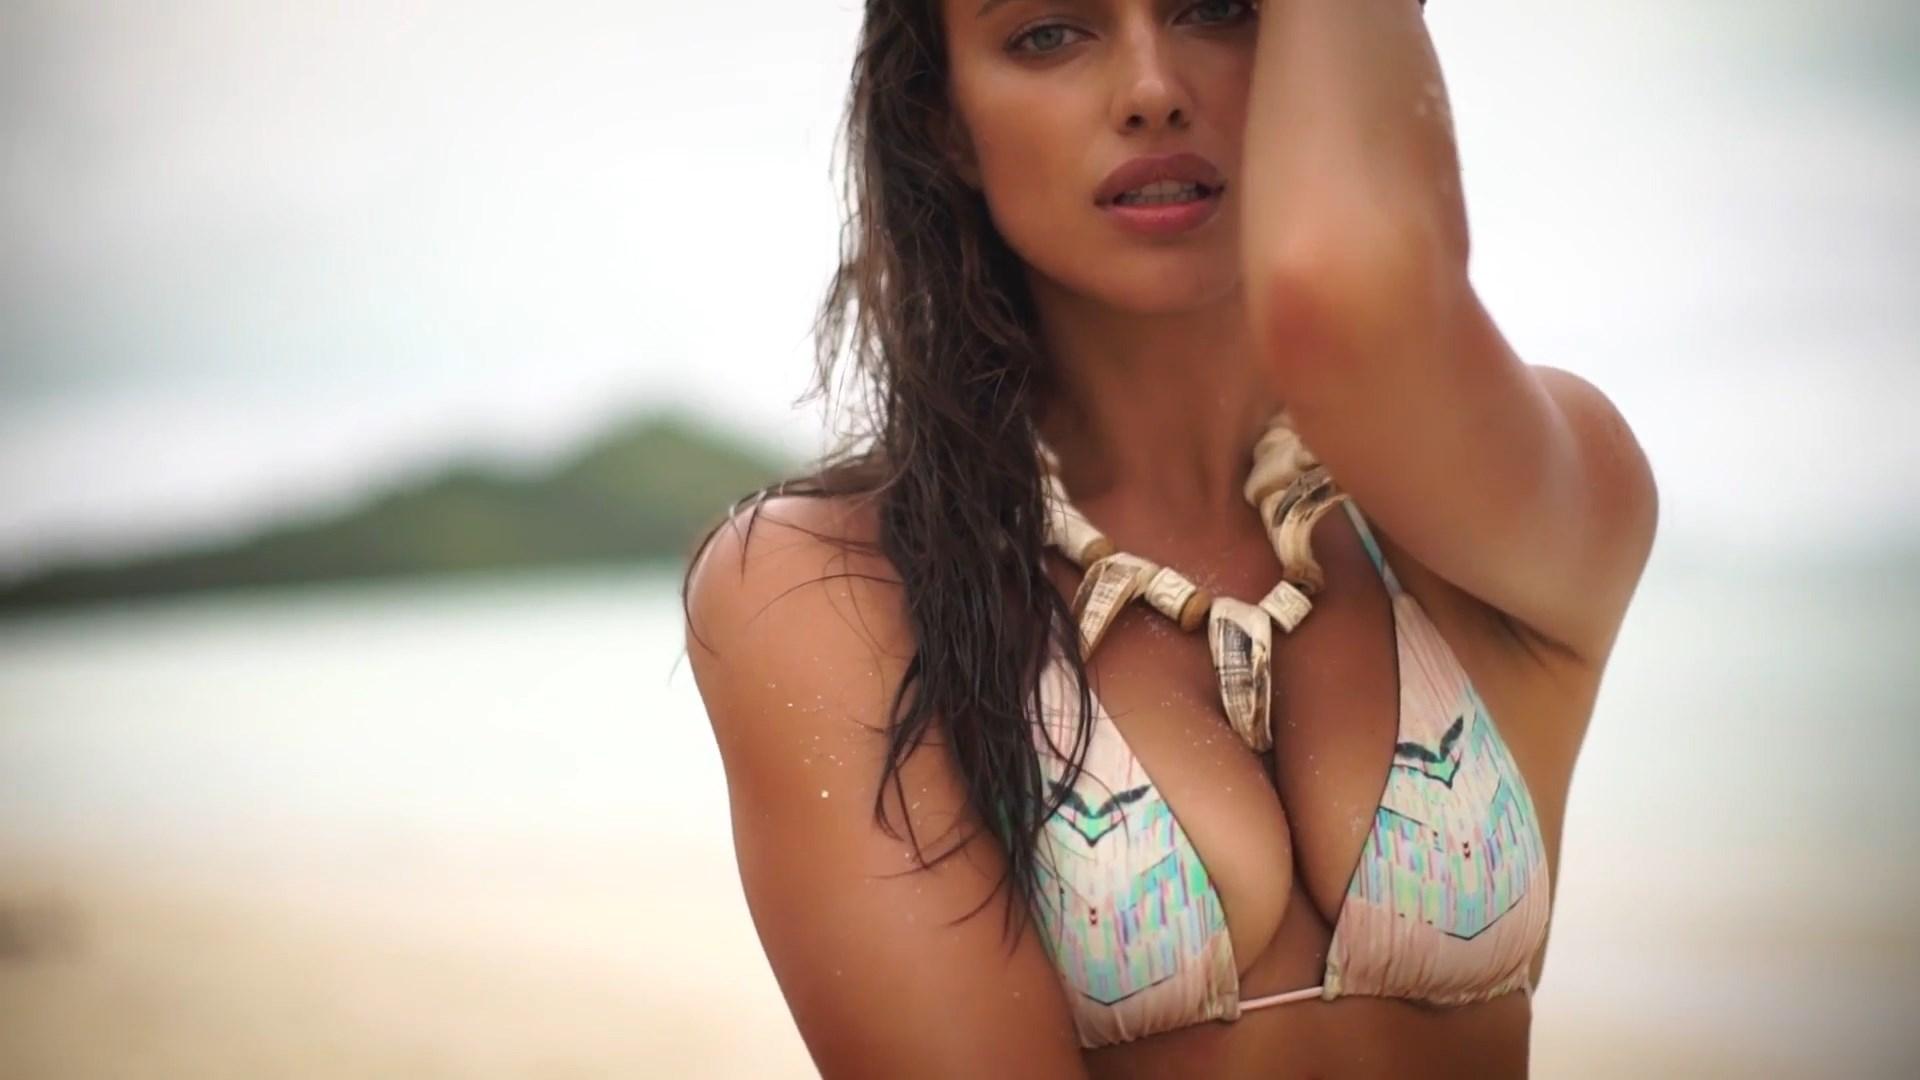 Irina Shayk pussy pic